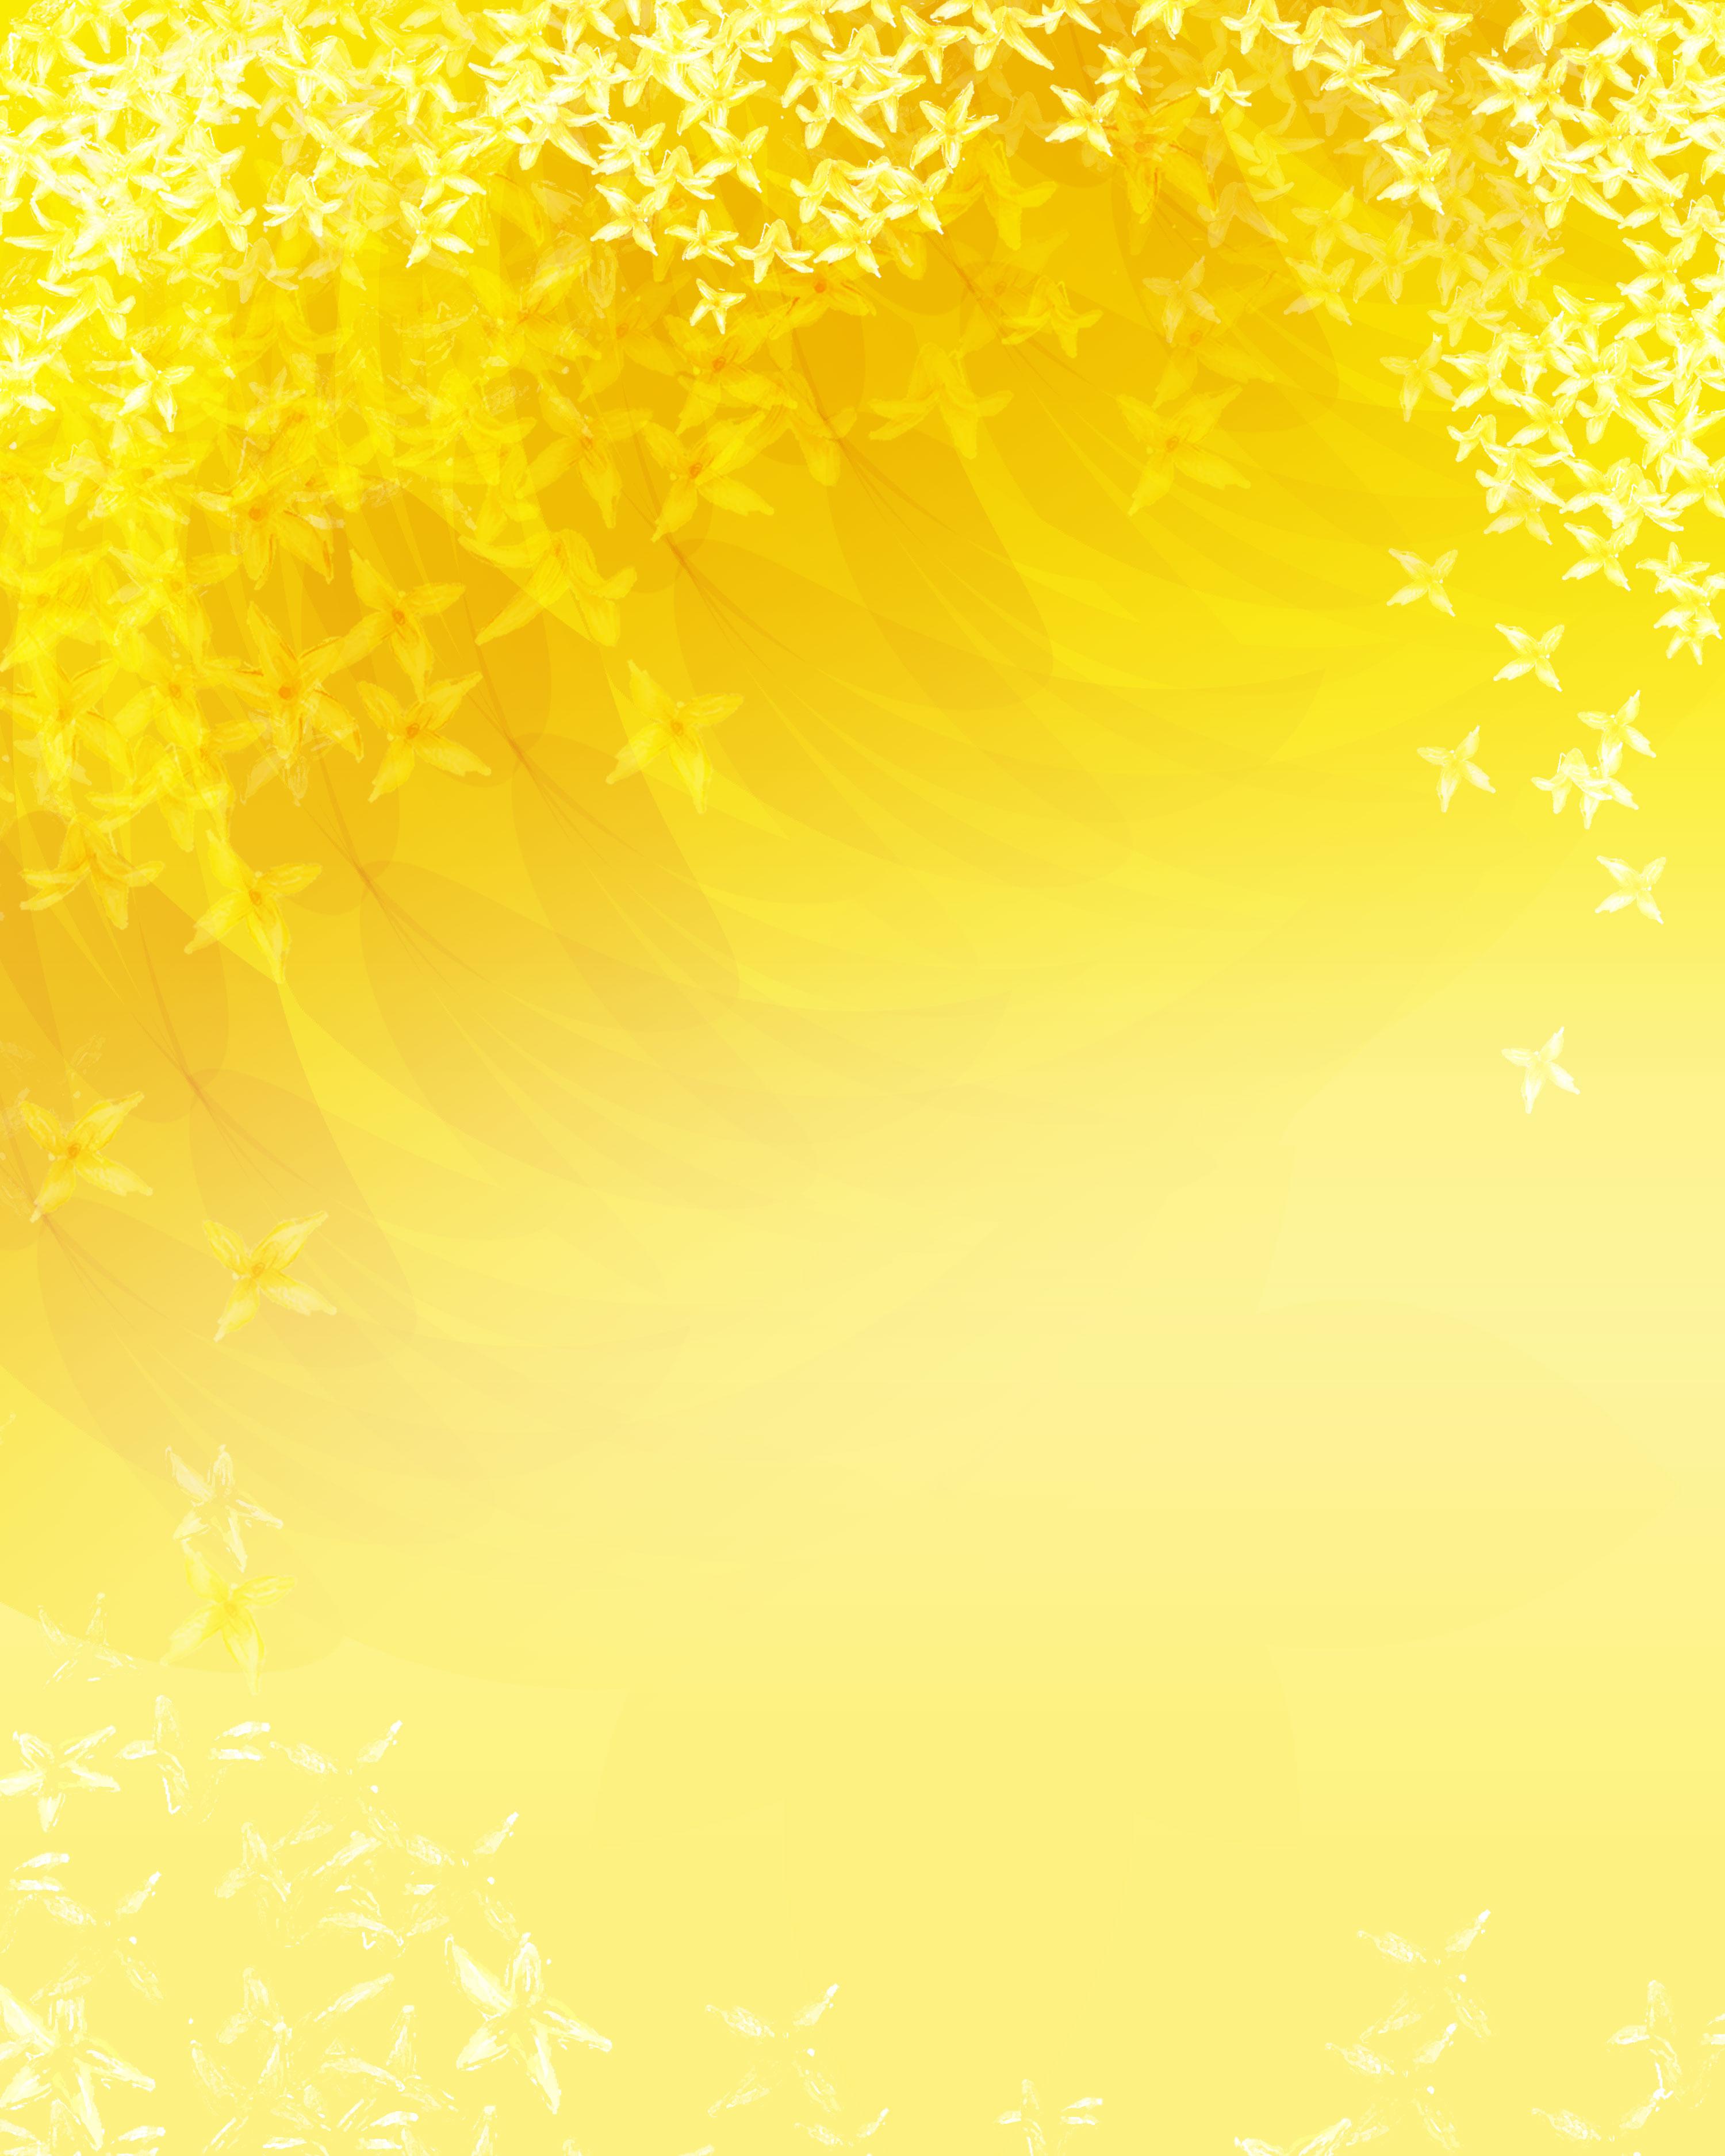 黄色の花のイラスト フリー素材 背景 壁紙no 292 たくさんの花 黄